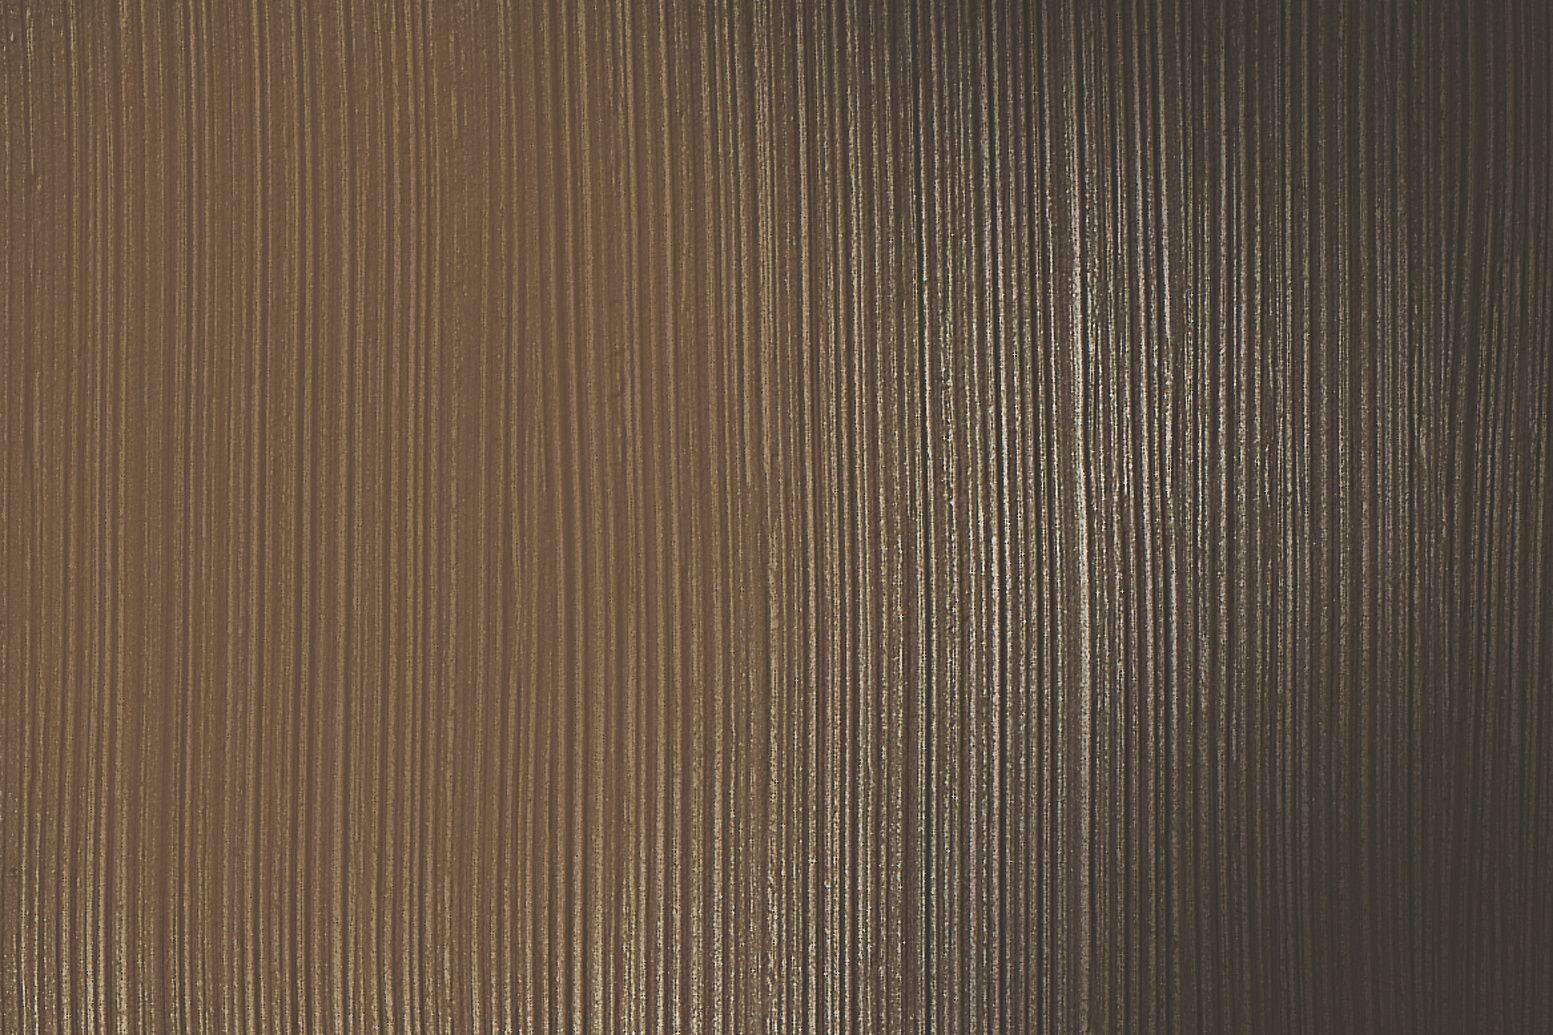 Metallic Wandfarbe Effektfarbe Mokka Alpina Farbrezepte Metall